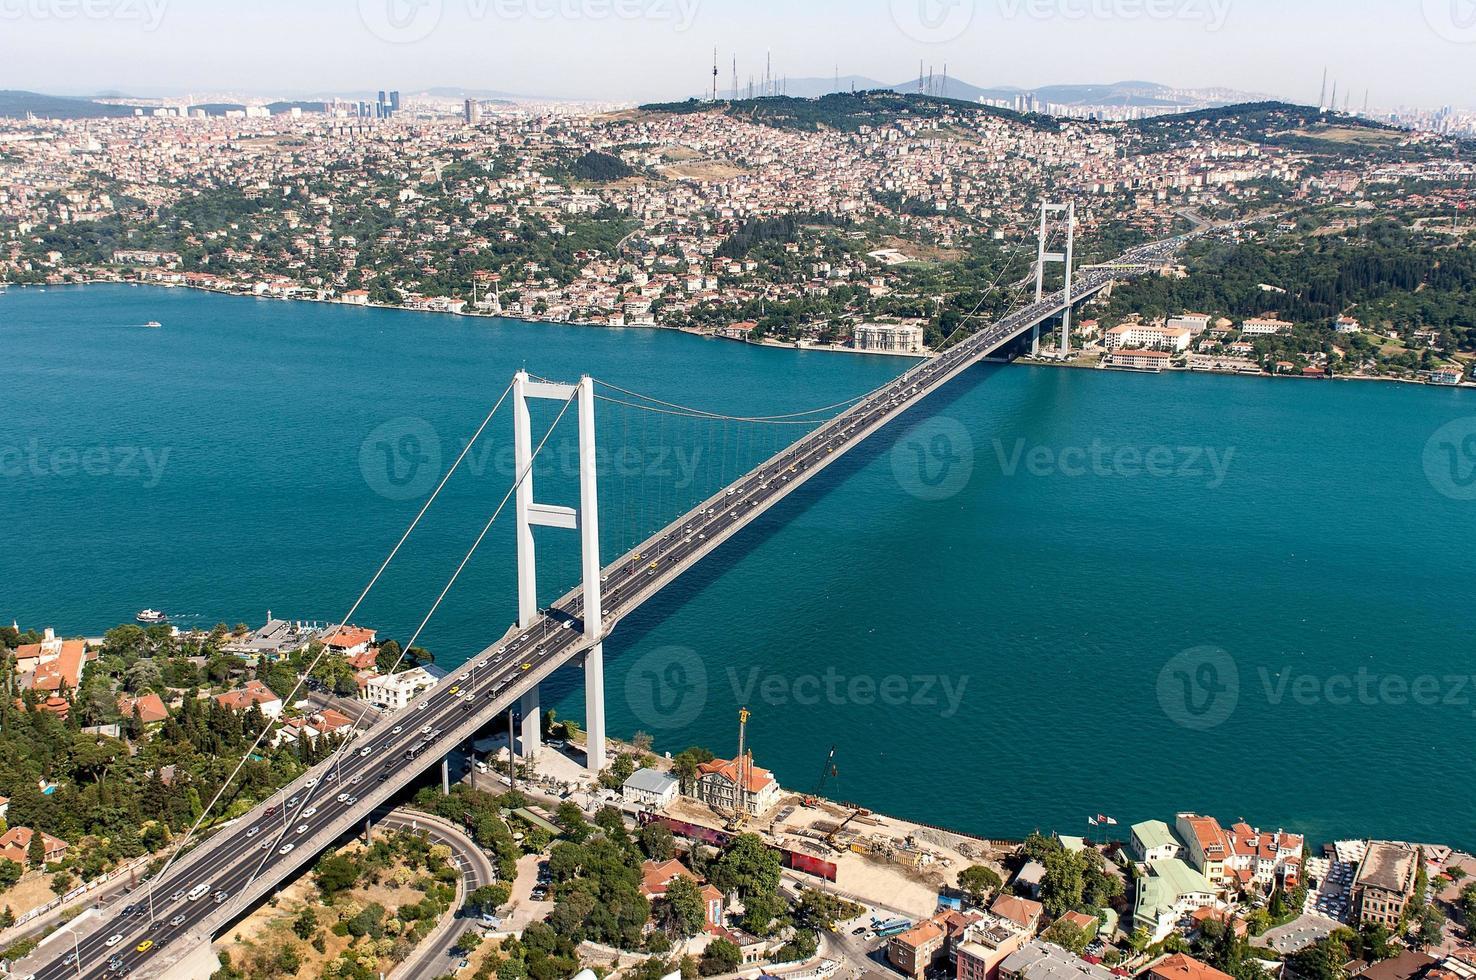 Blick auf die Bosporusbrücke und die Meerenge unten foto